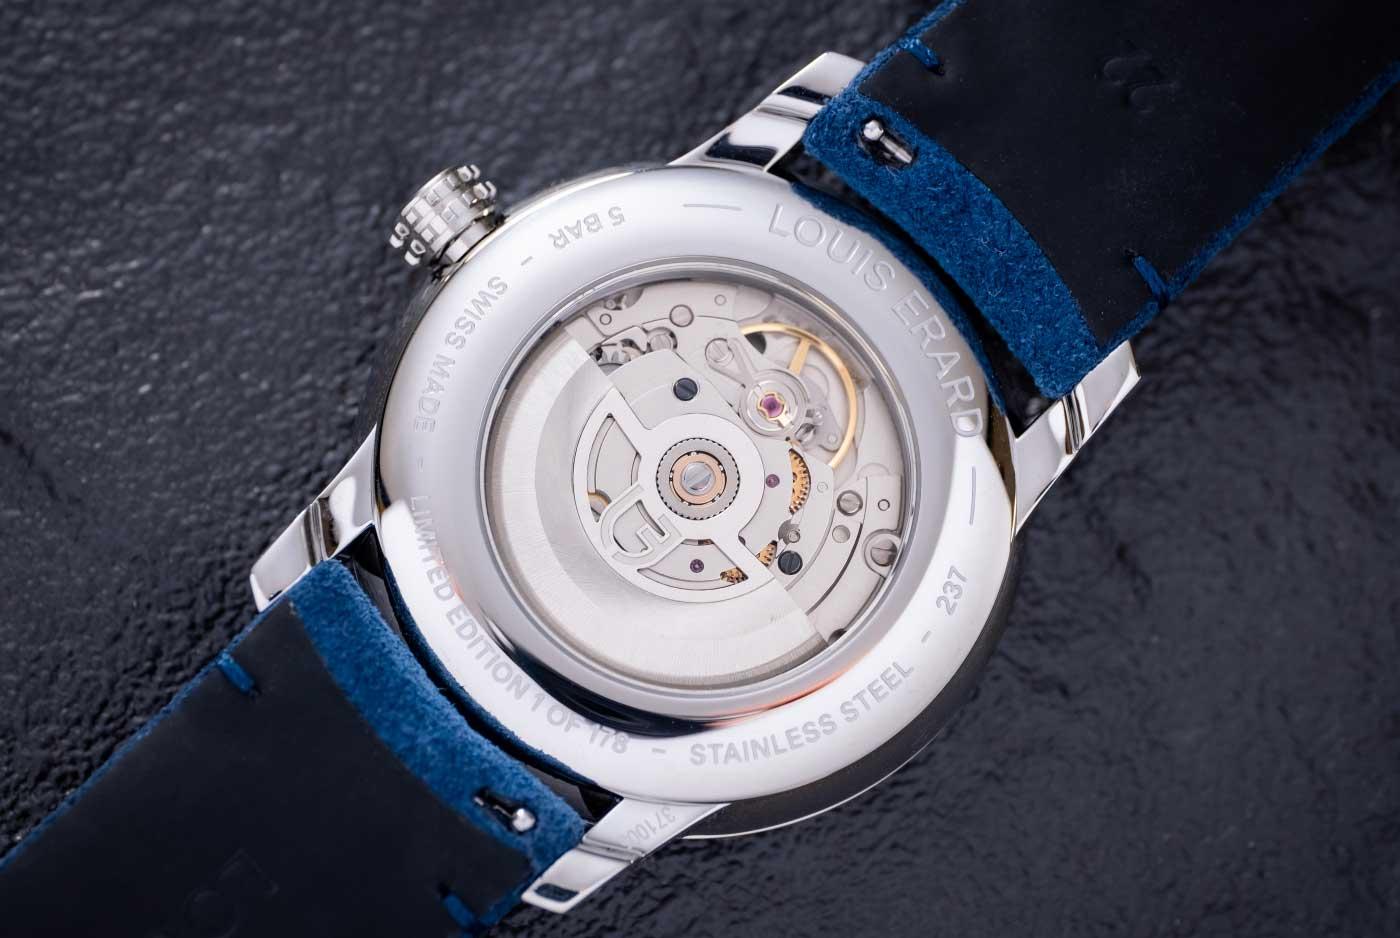 louis-erard-x-vianney-halter-regulateur-back-2---europa-star-watch-magazine-2020